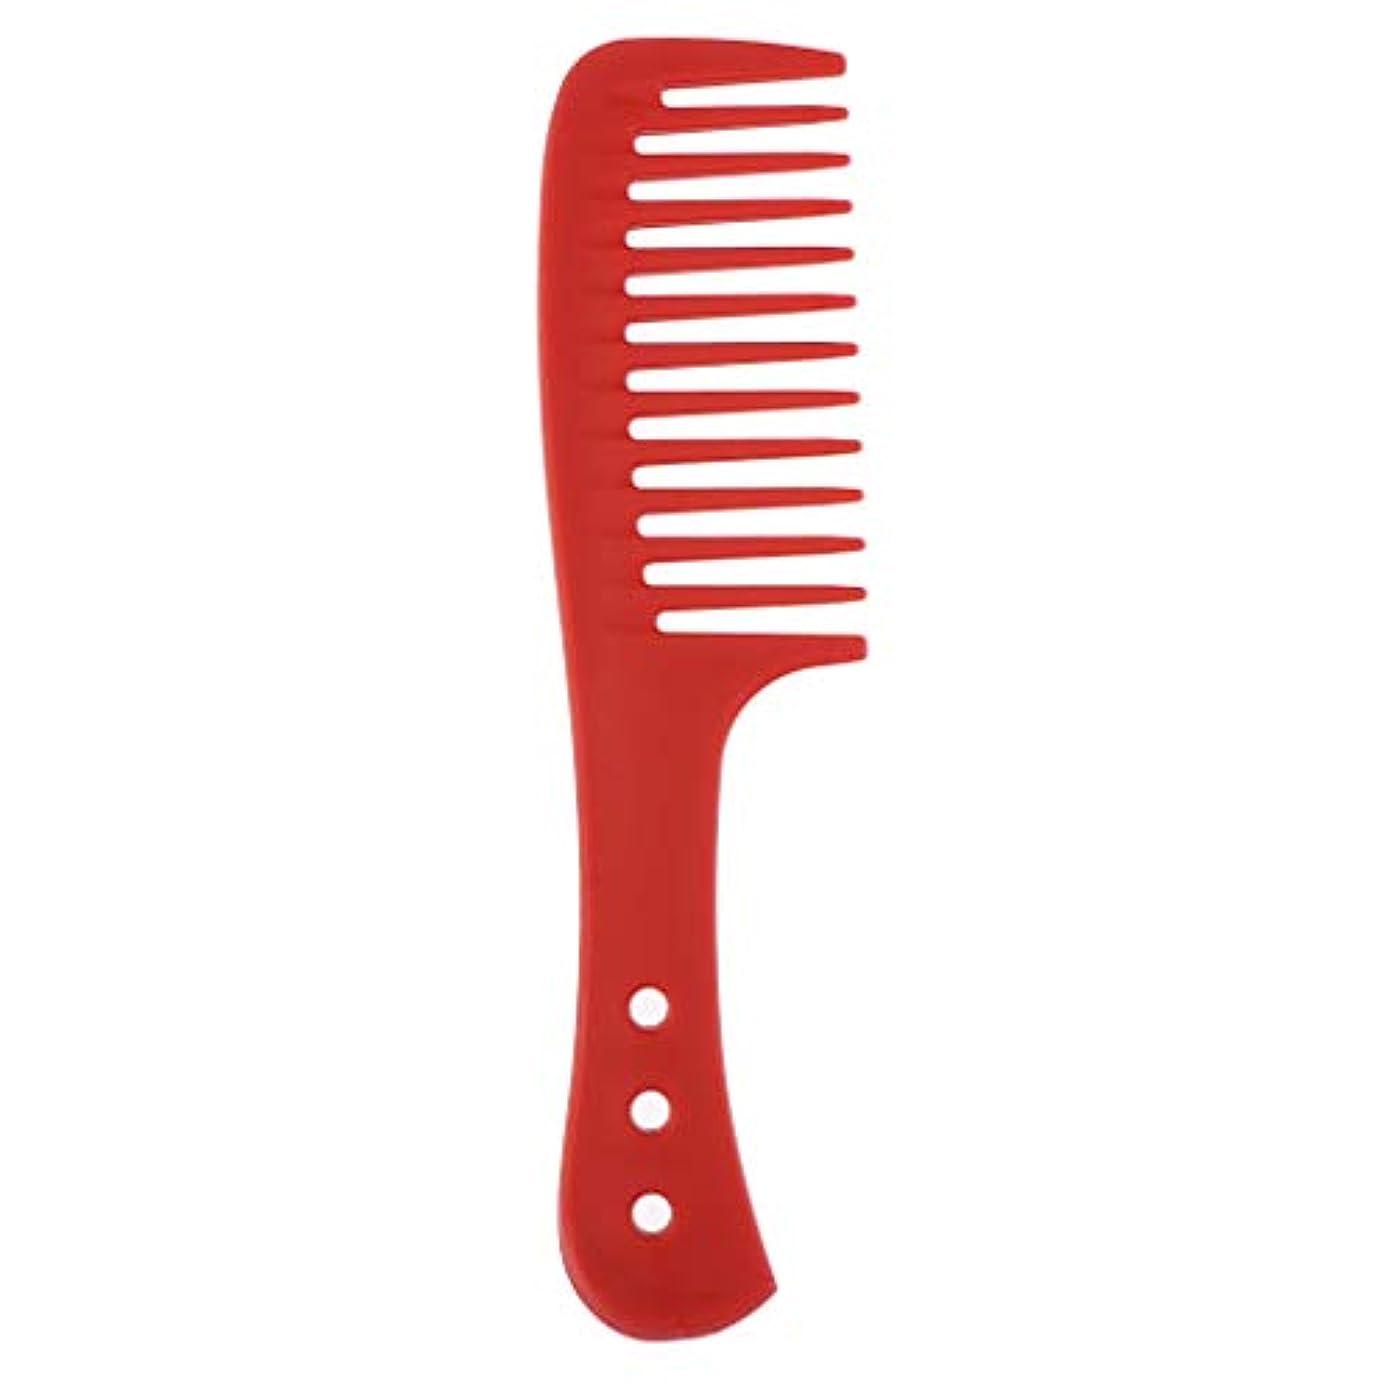 爆発協力的家具ポータブル理髪広い歯の櫛巻き毛のDetangler頭皮マッサージブラシ - 赤